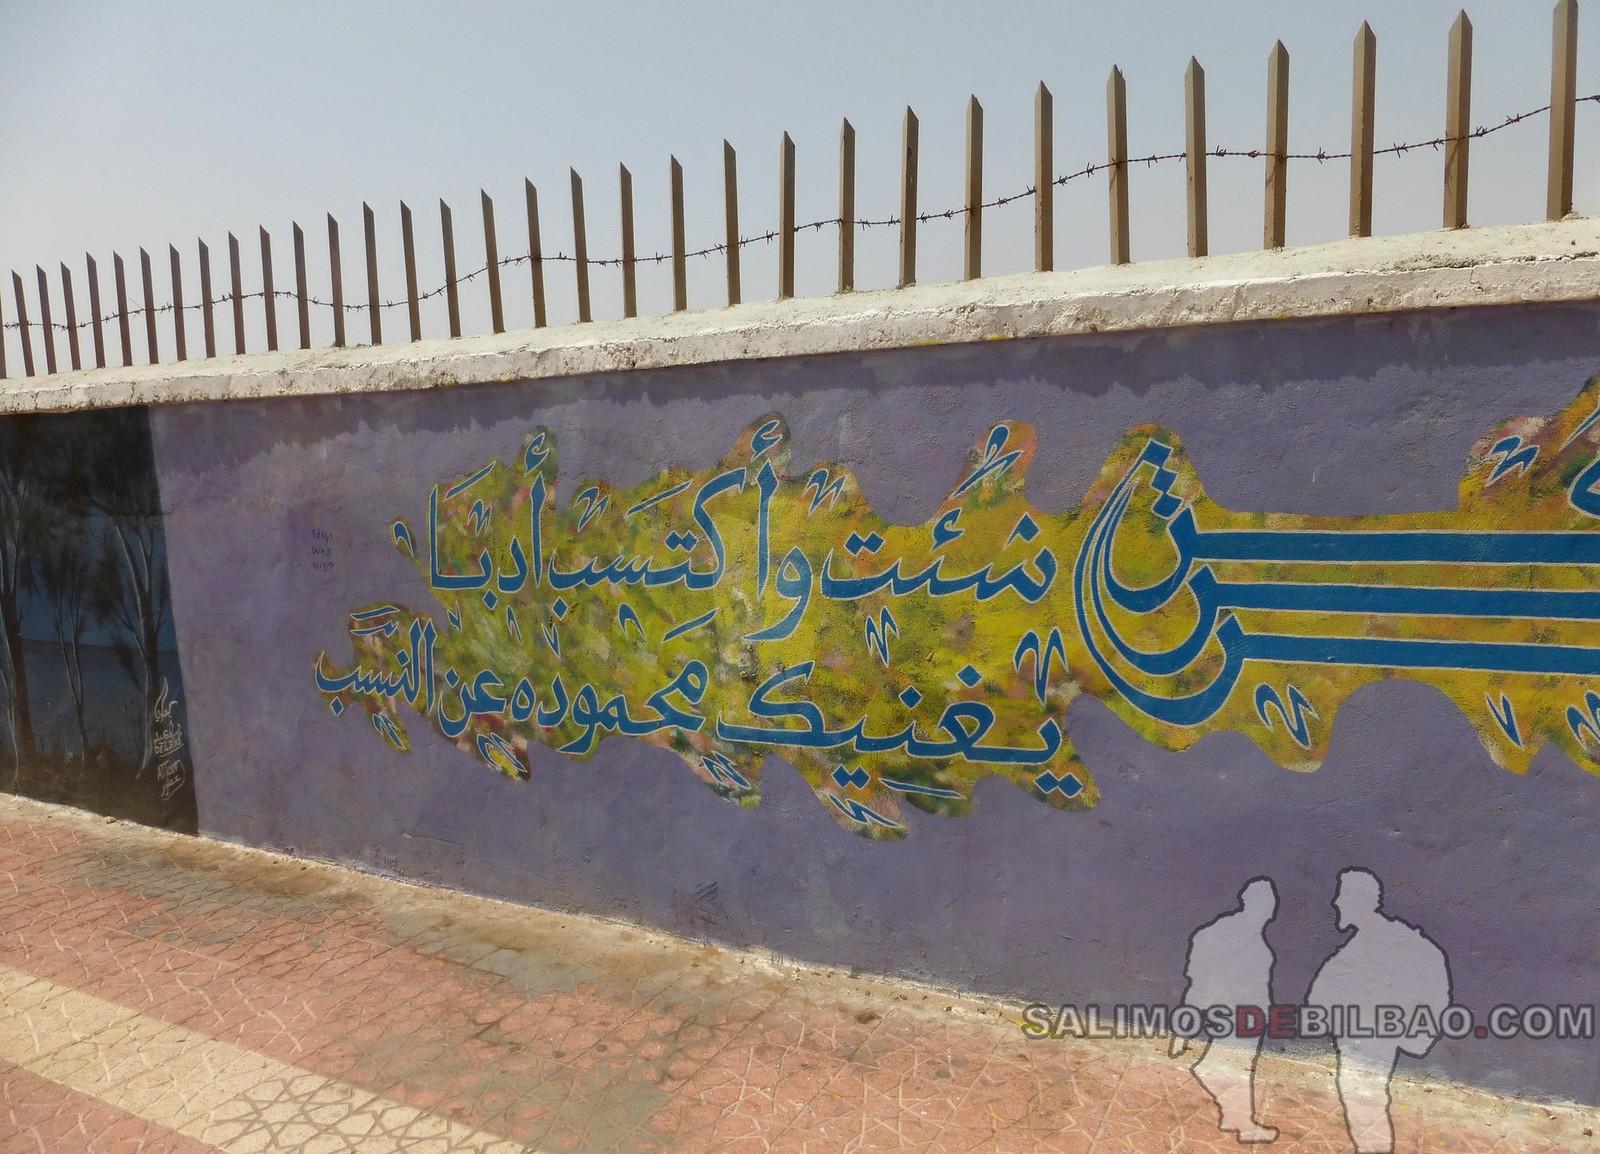 179. Grafitis, Paseo del al centro, Dakhla